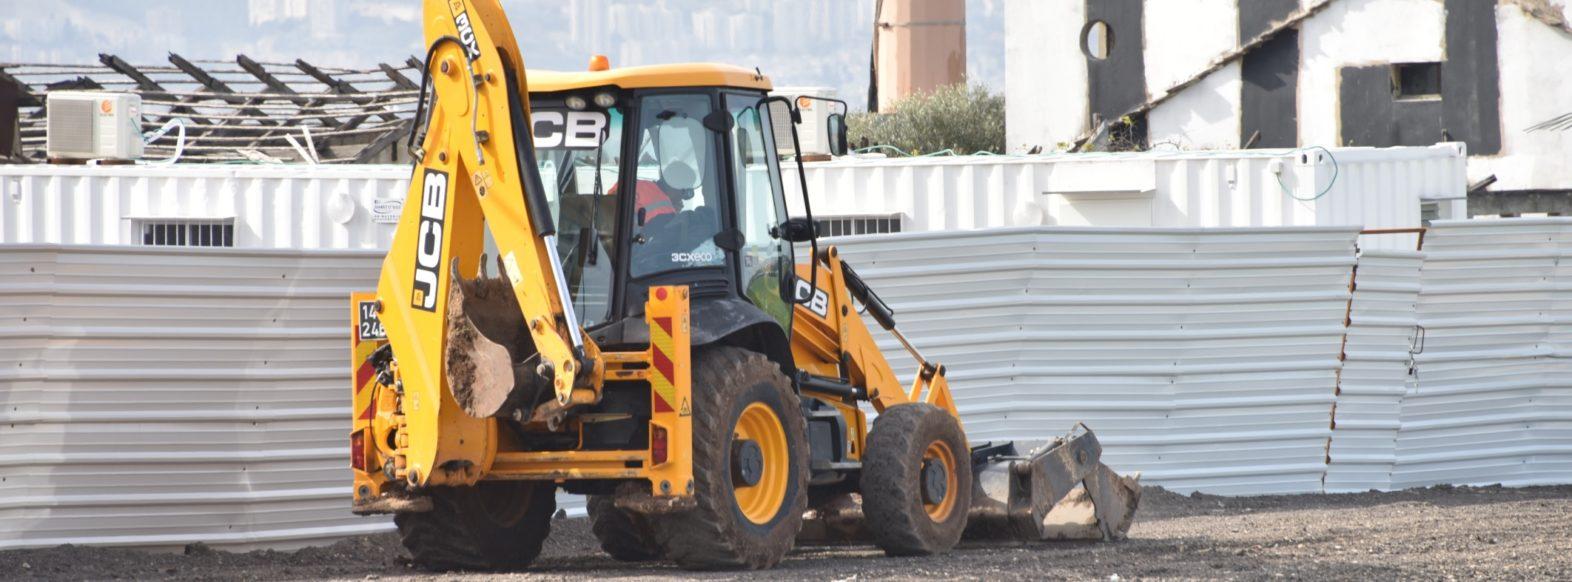 עבודות תשתית להרחבת הכביש המחבר בין צומת גלעם לדרך בגין